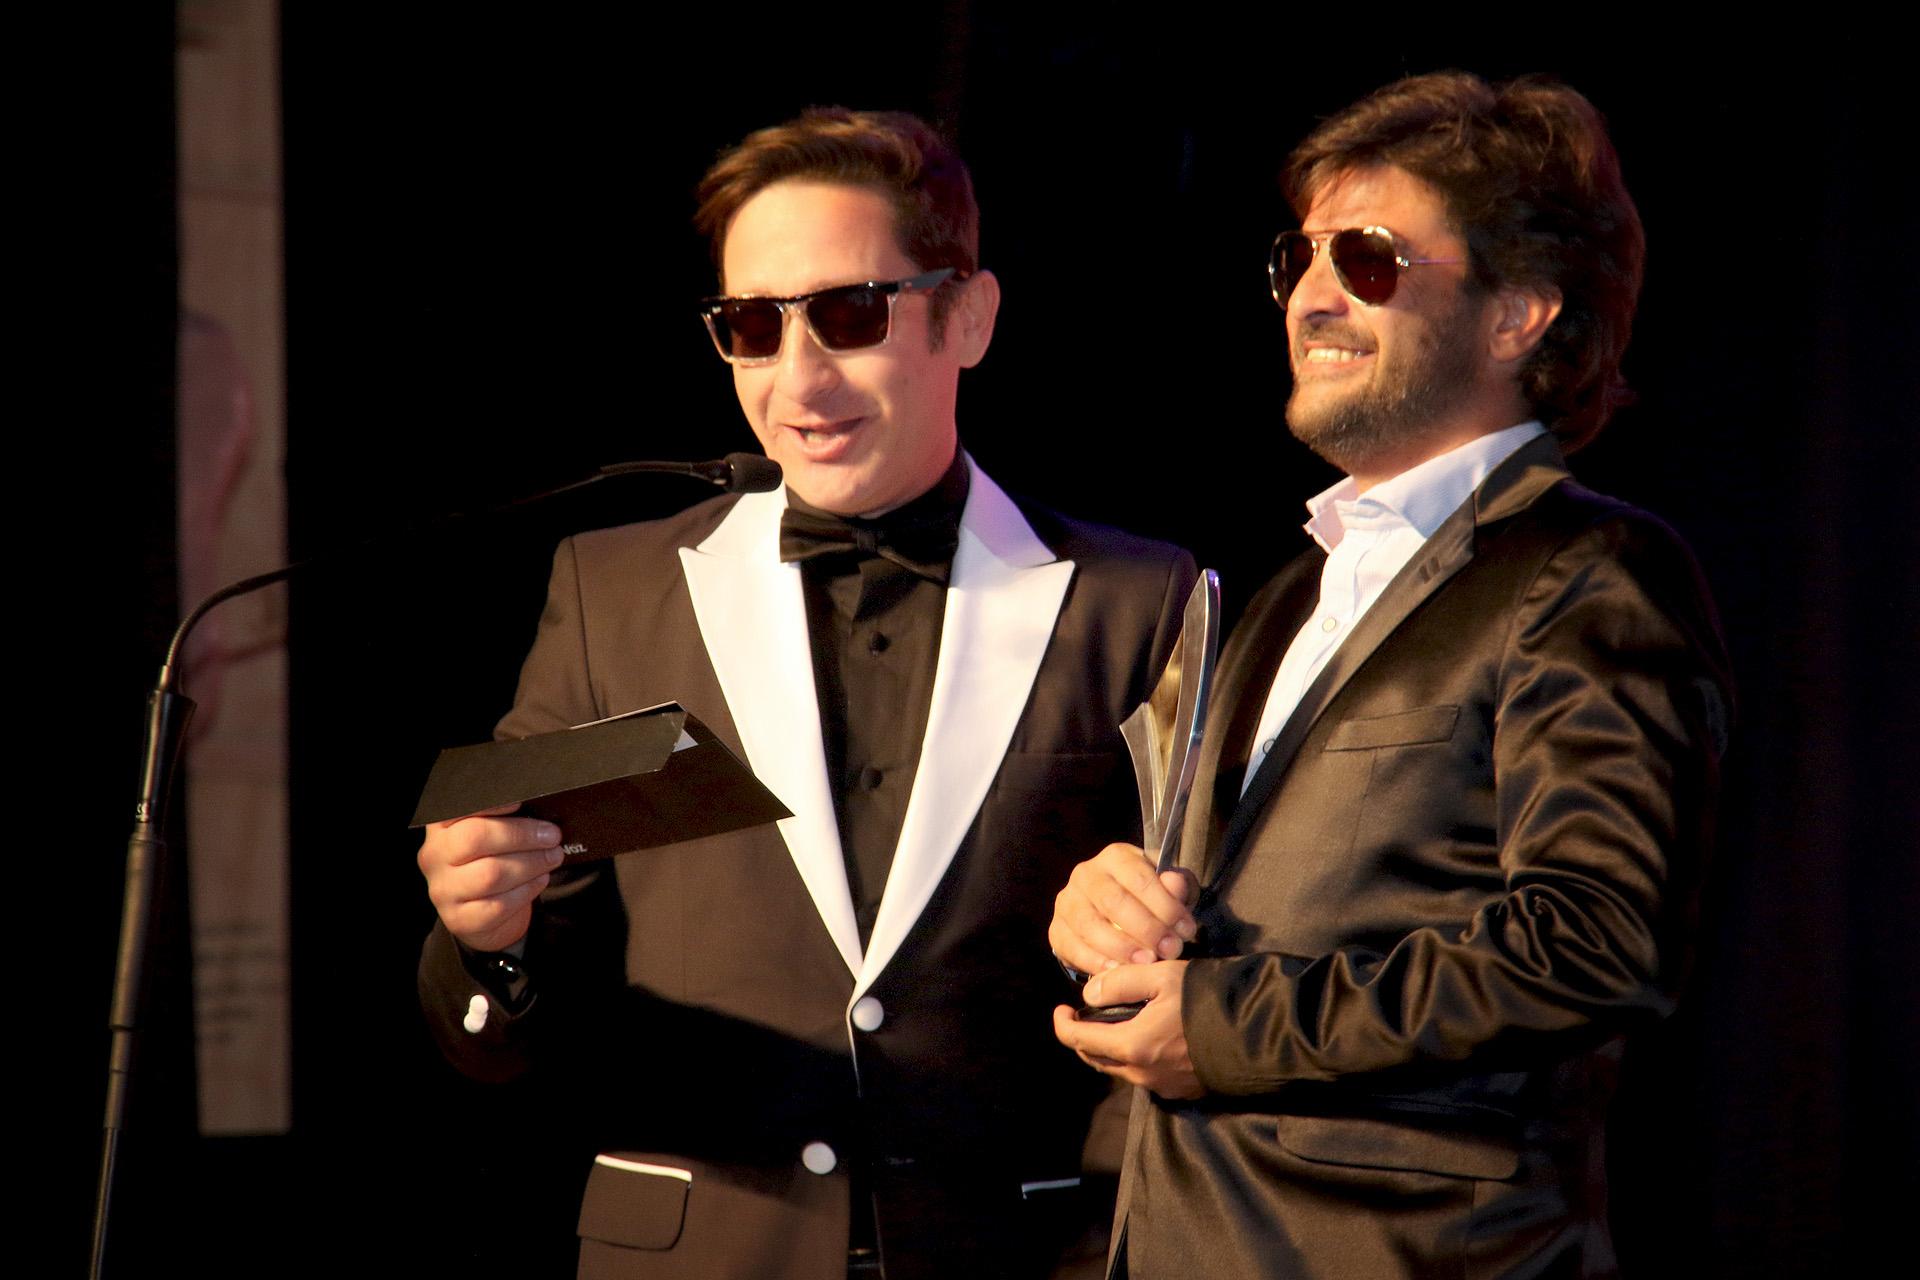 Pablo Rago recibiendo su premio